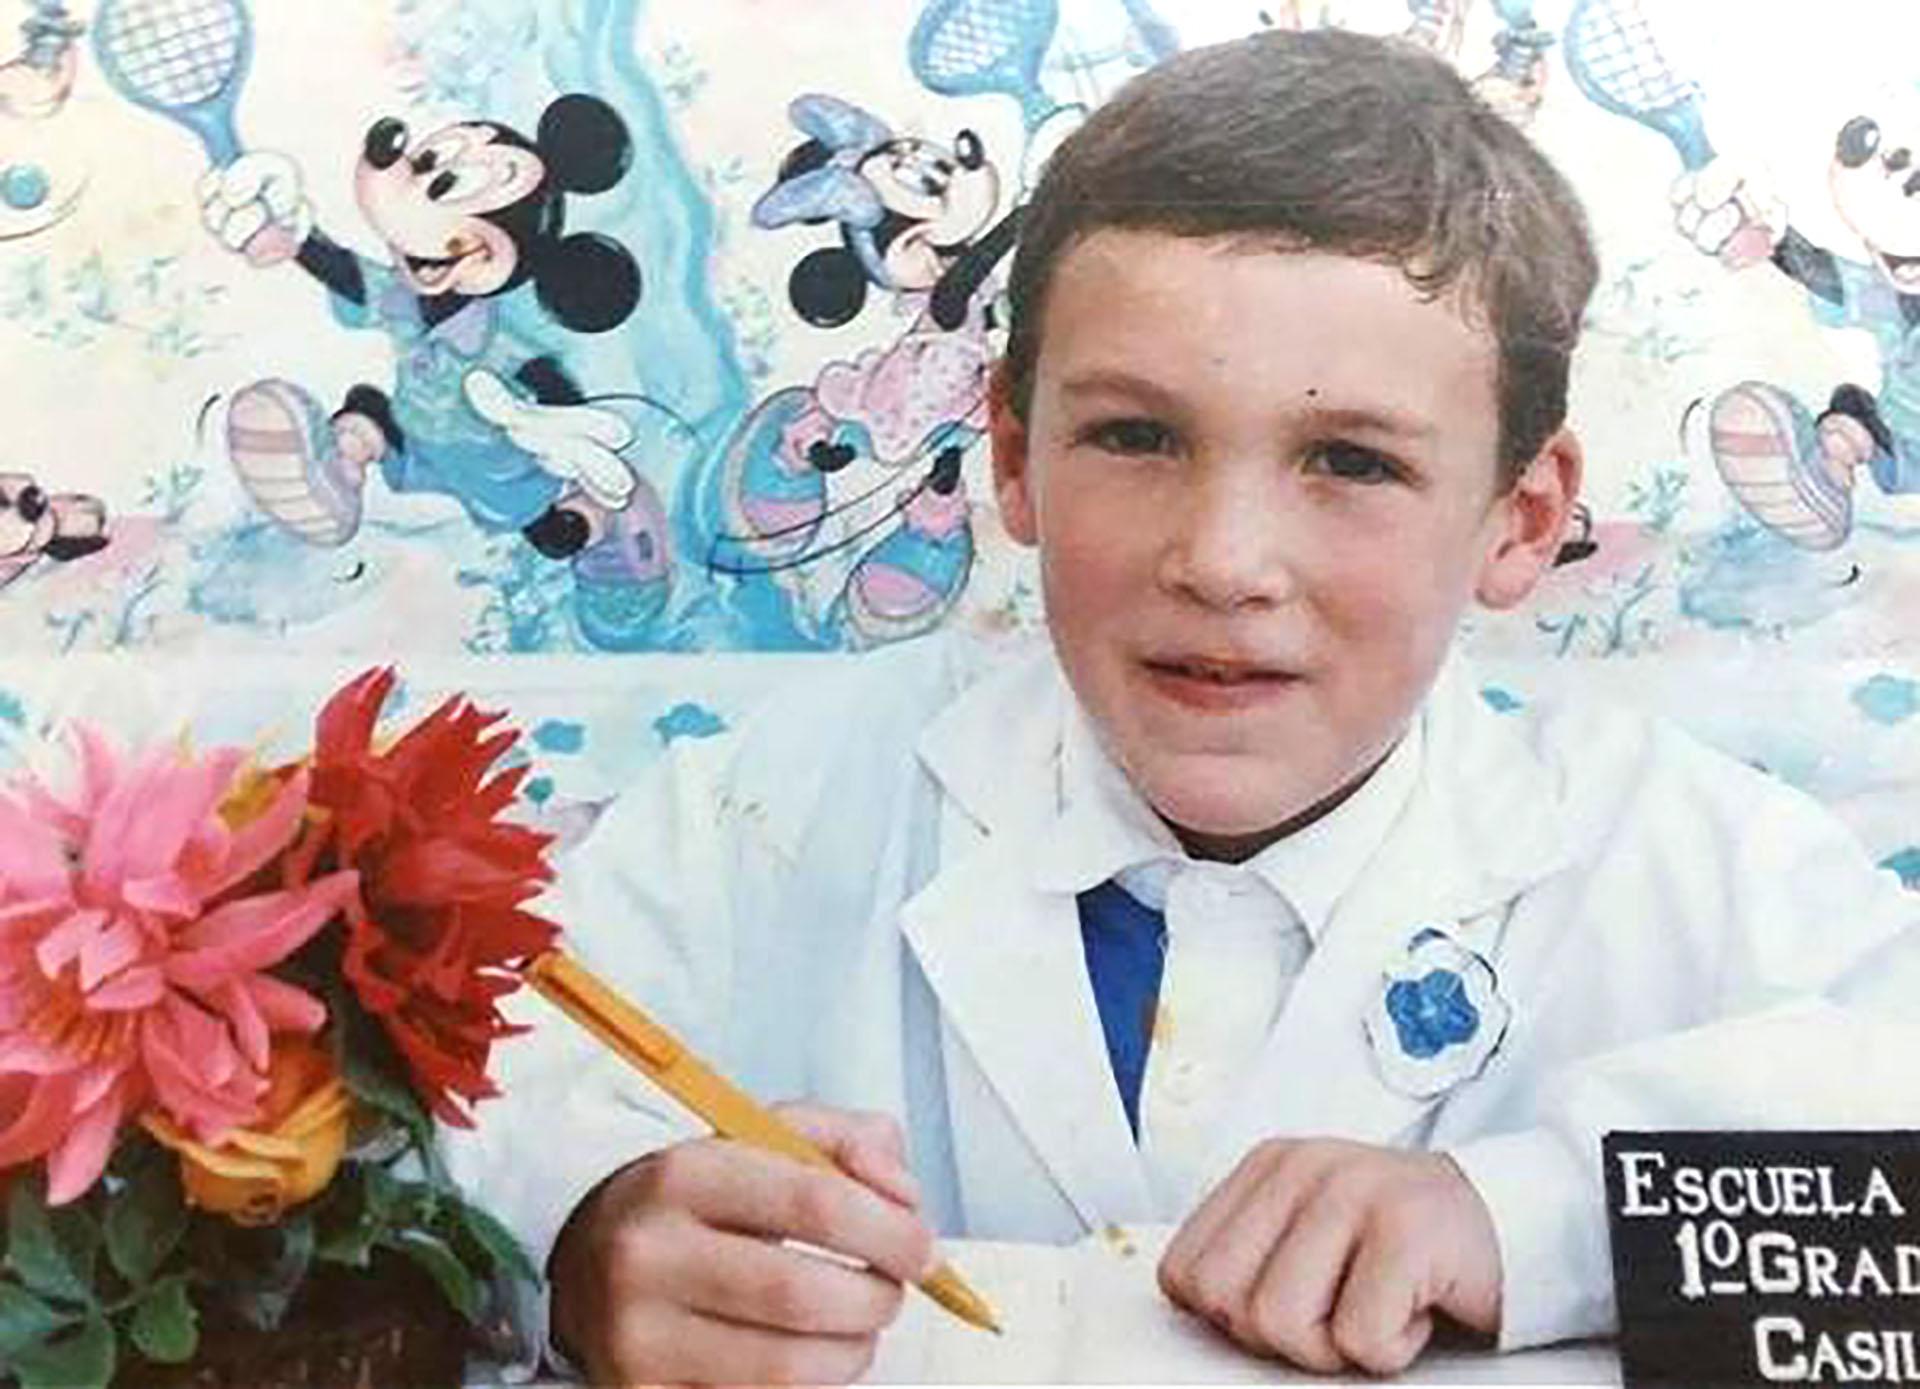 Franco Armani cursando el primer grado en su escuela de Casilda, Santa Fe